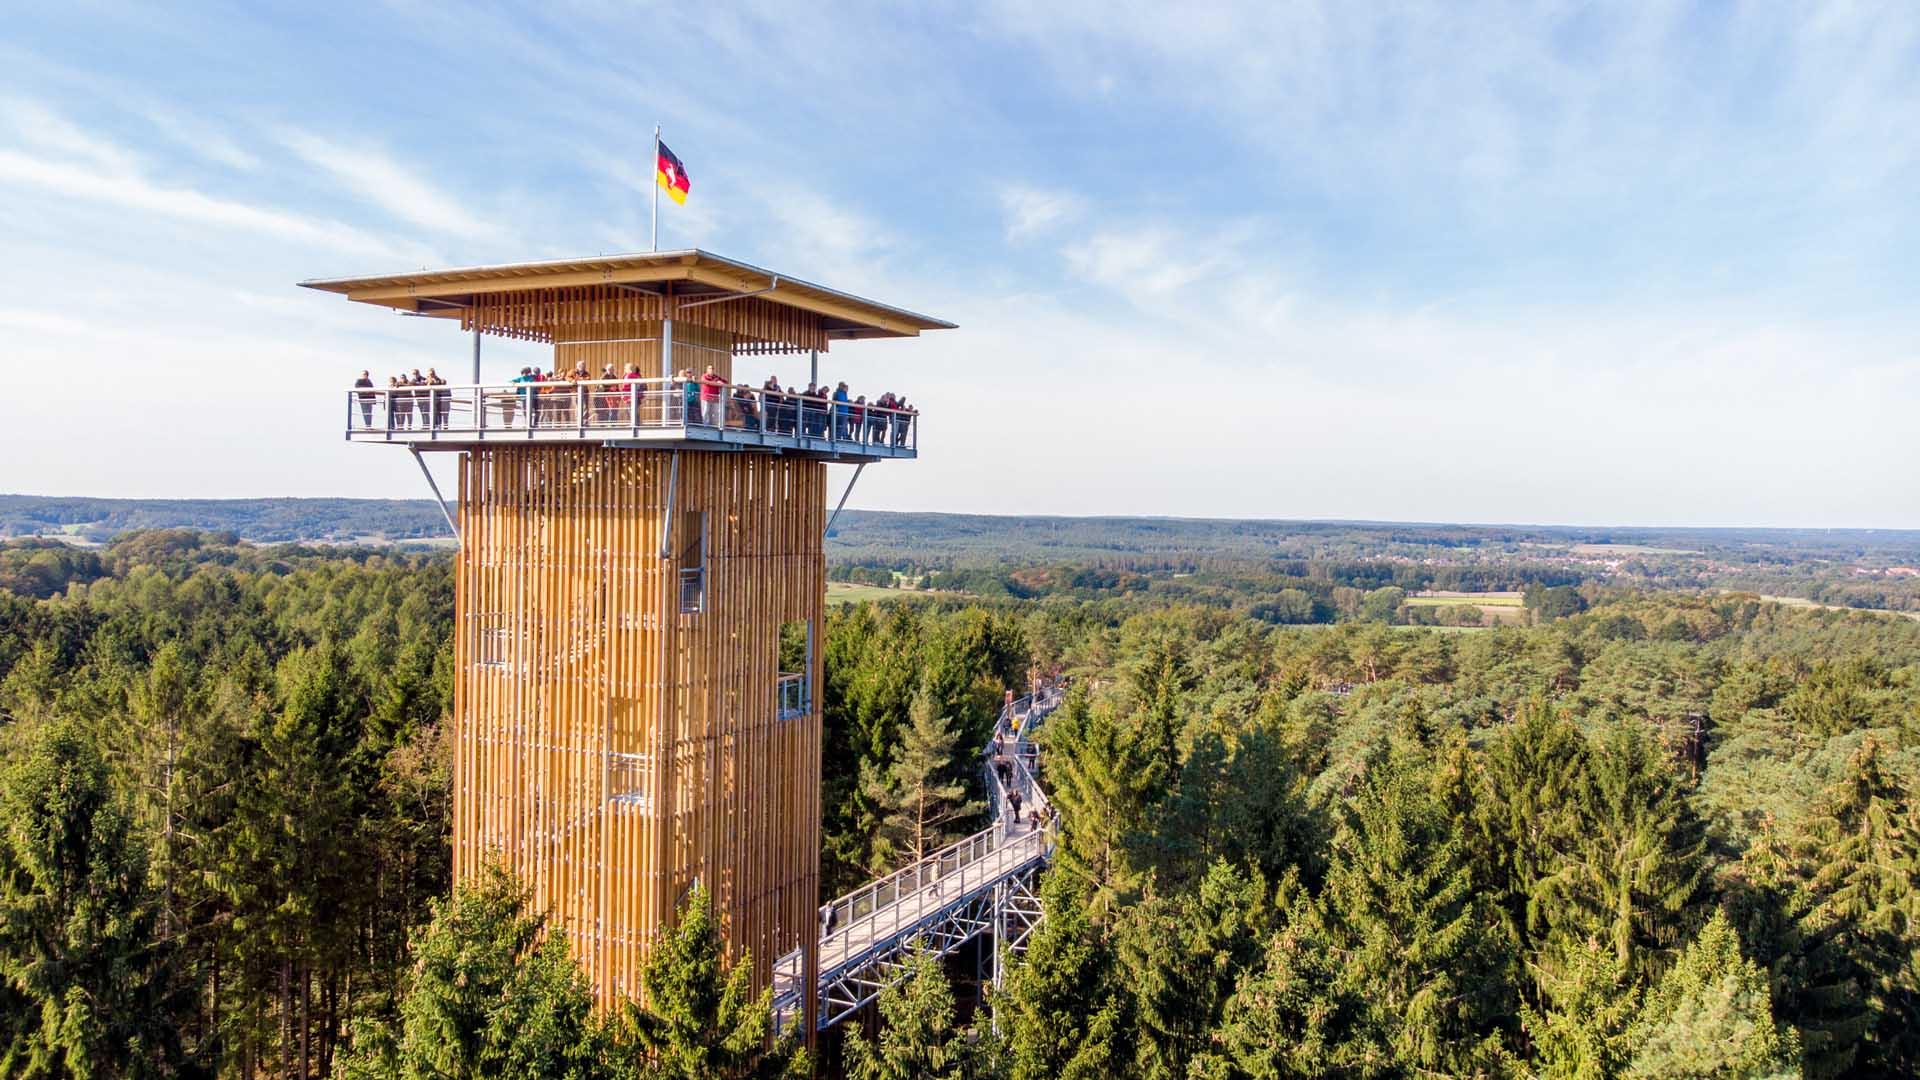 wildpark-luenburger-heide-turm.jpg